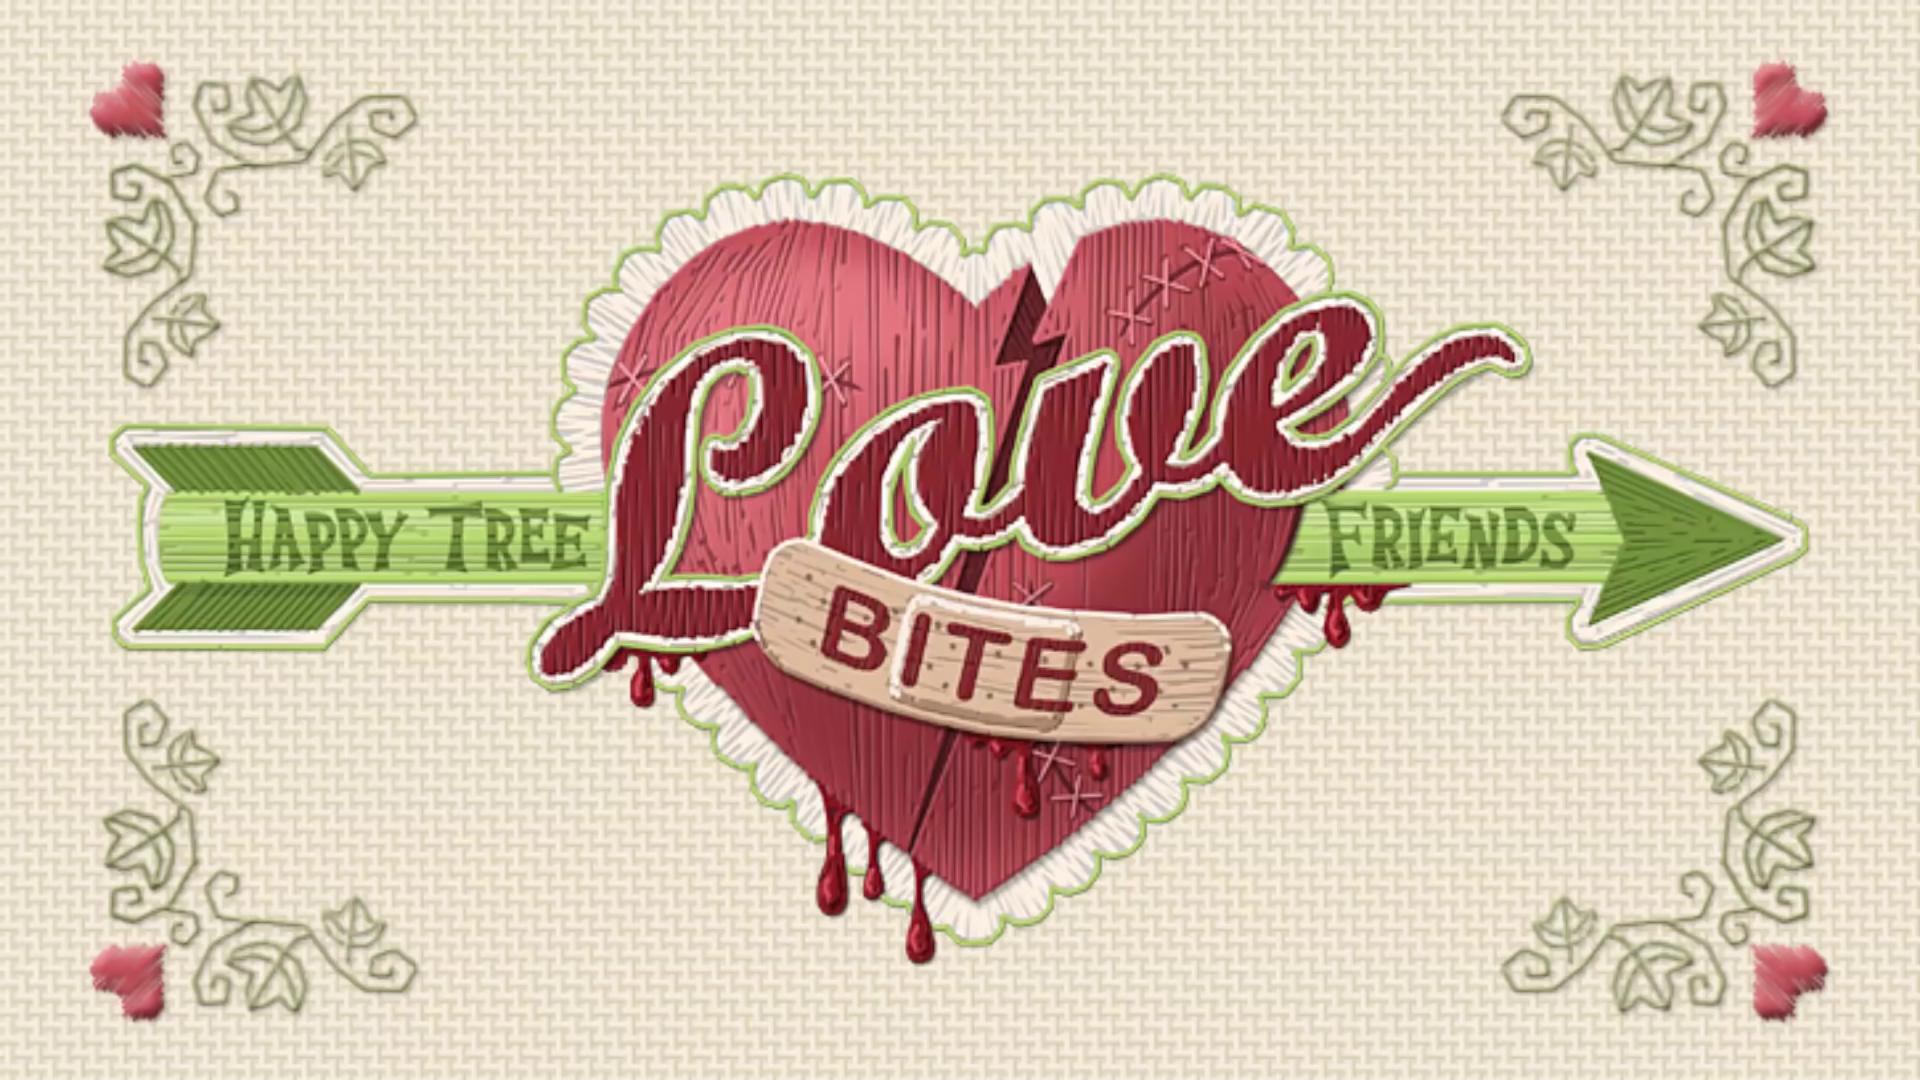 کارتون هپی تری فرندز-فصل Love Bites قسمت 5-سال2009-لینک تمام قسمت ها در توضیح زیر این ویدیو است